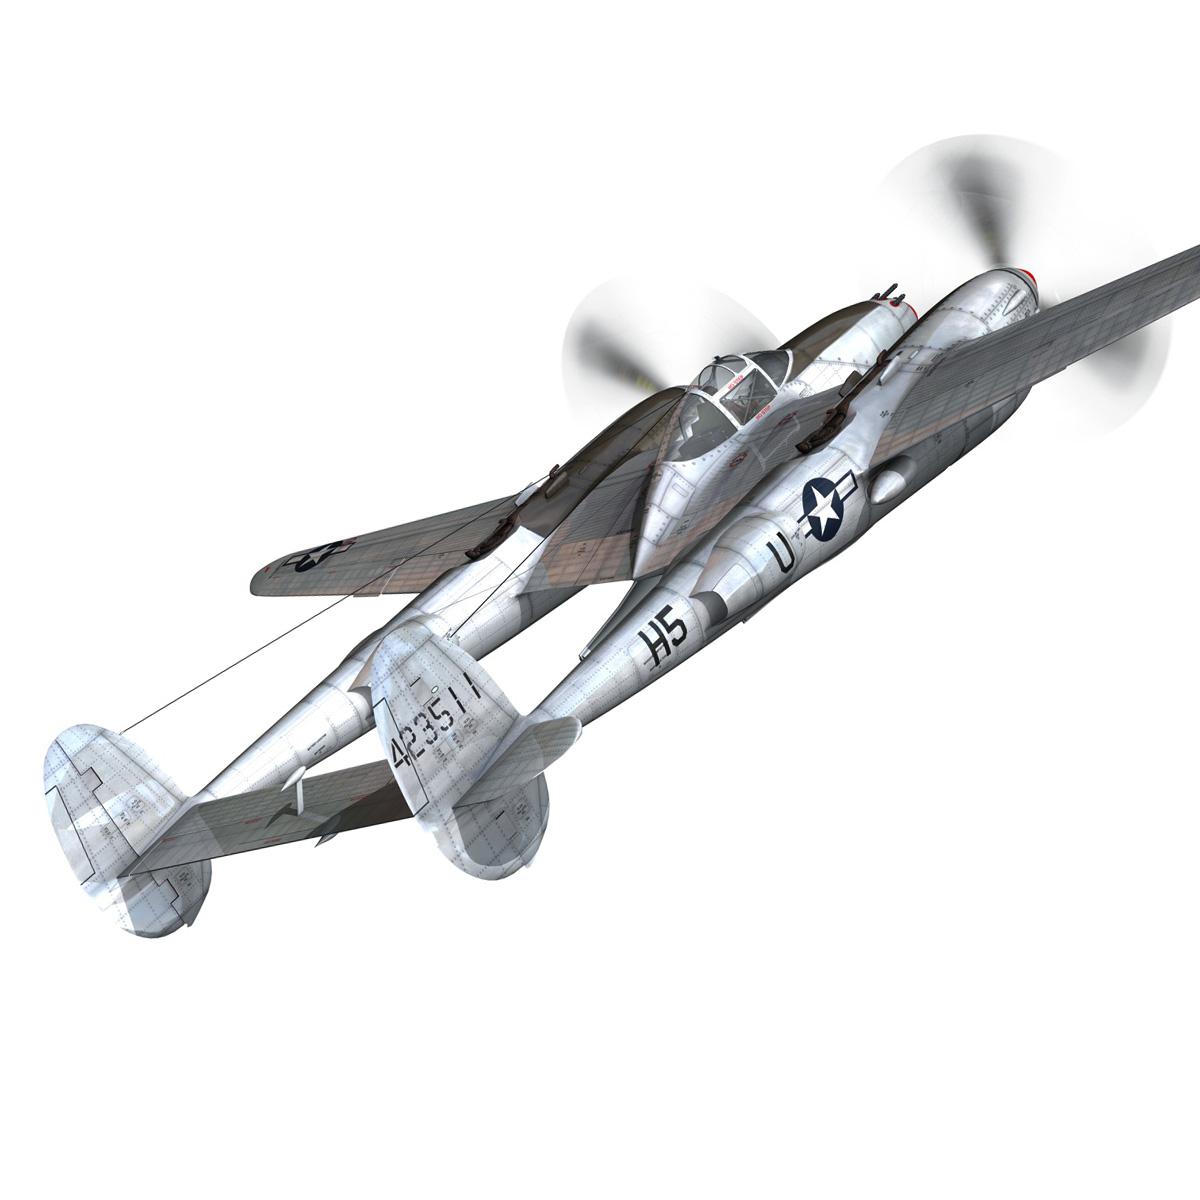 lockheed p-38 lightning – arkansas traveler 3d model fbx lwo lw lws obj c4d 266746